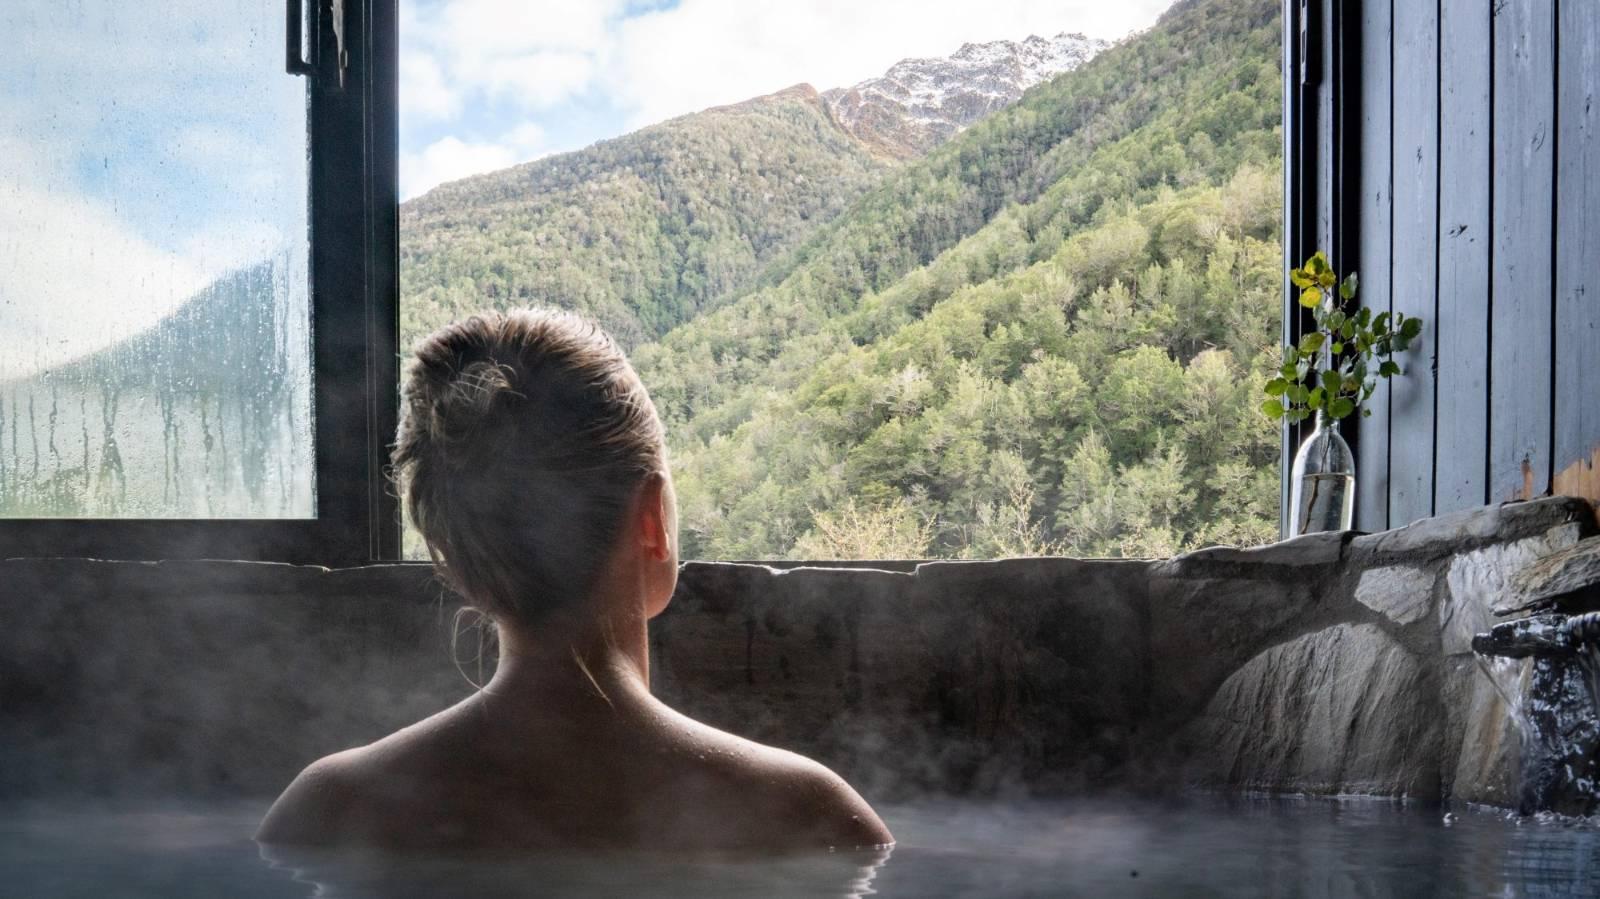 Inside NZ's hidden mountain hot springs